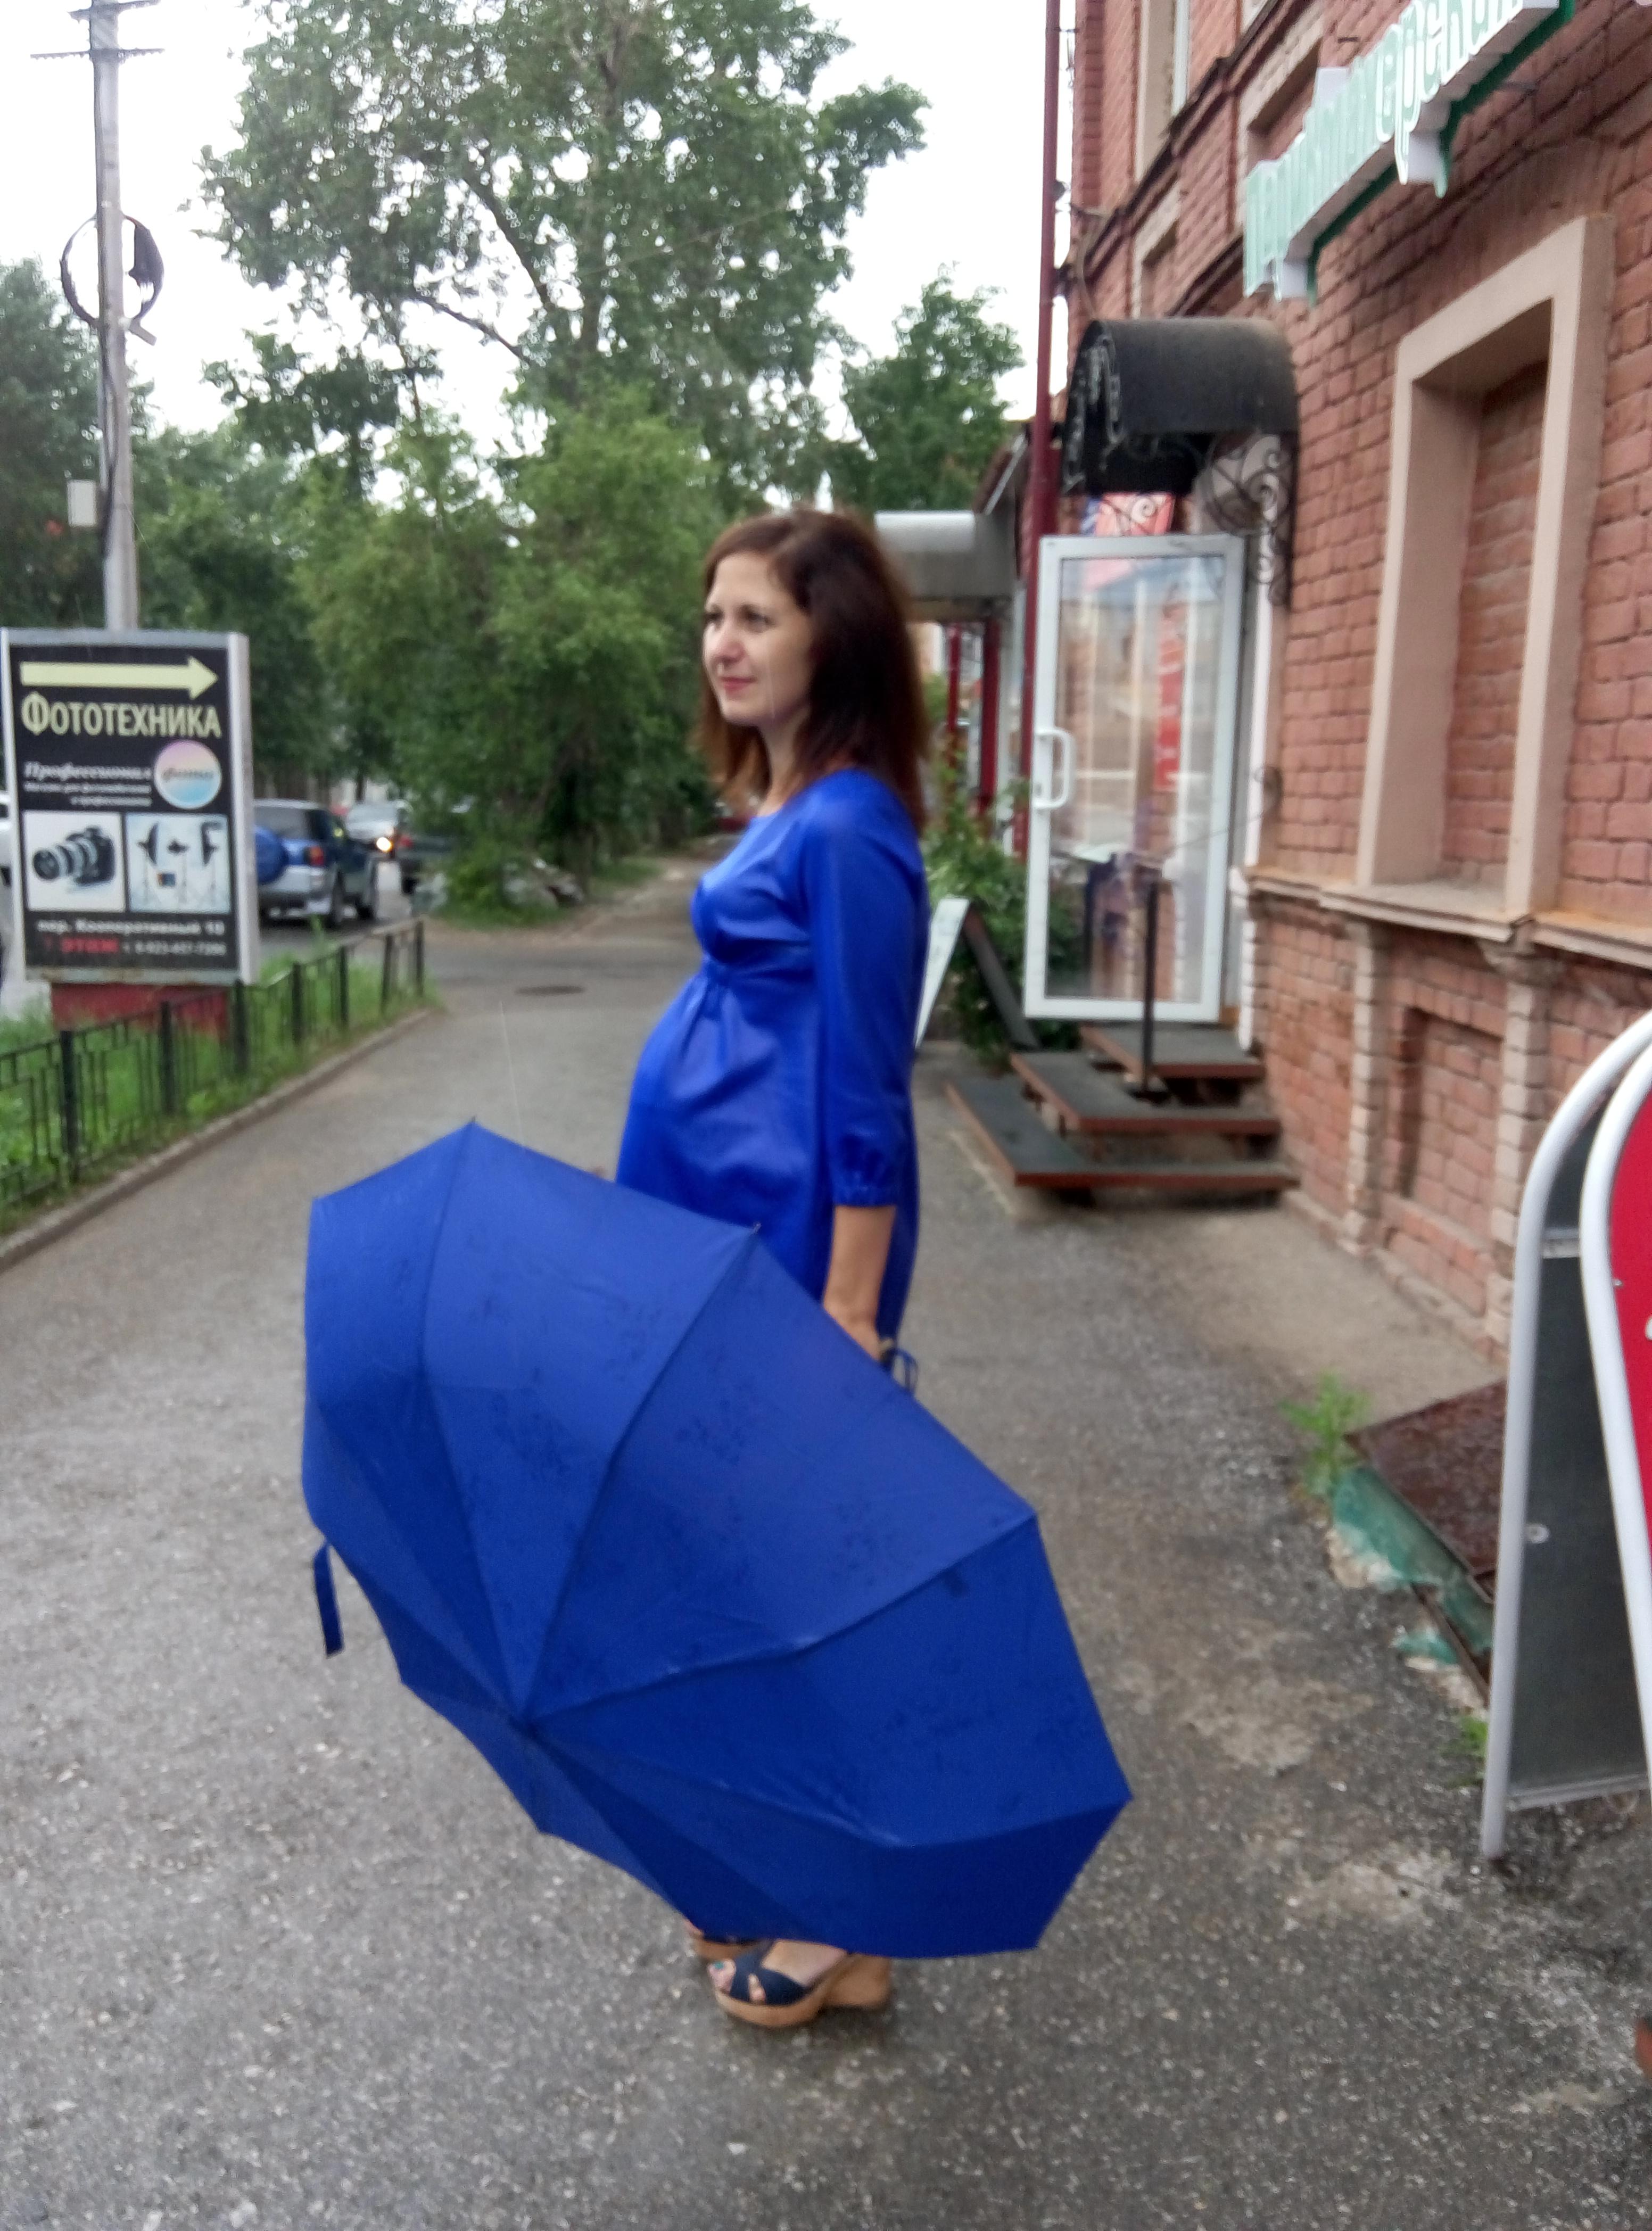 Платье, производство Киргизия, рр 44,46,48,50 ,цена 1750 руб, цвет электрик. НОВИНКА!